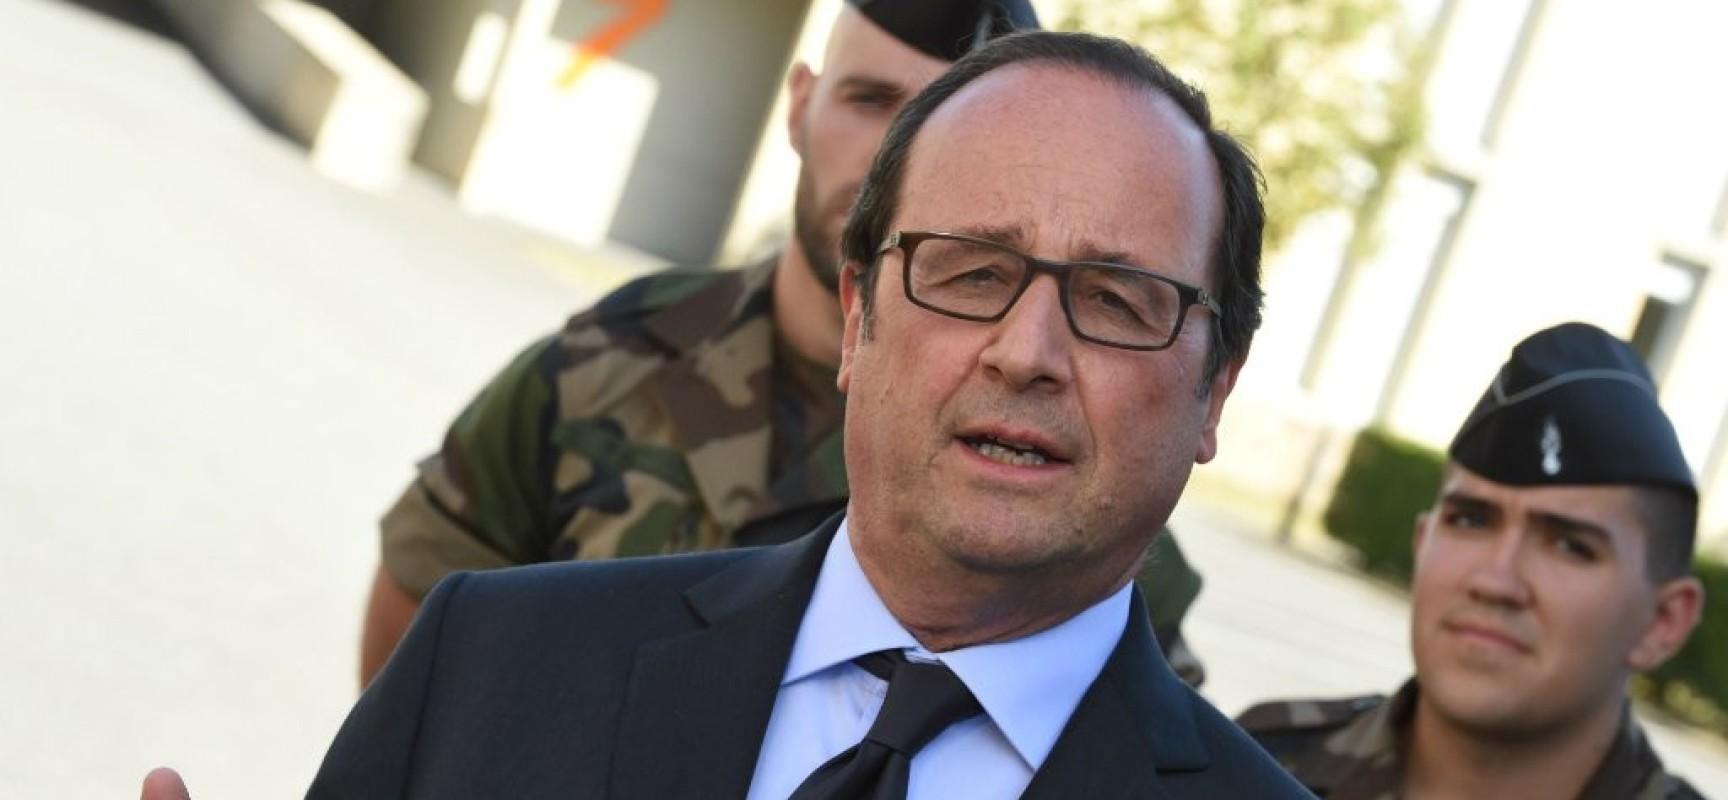 Hollande, mis en cause pour des assassinats, en route vers la CPI